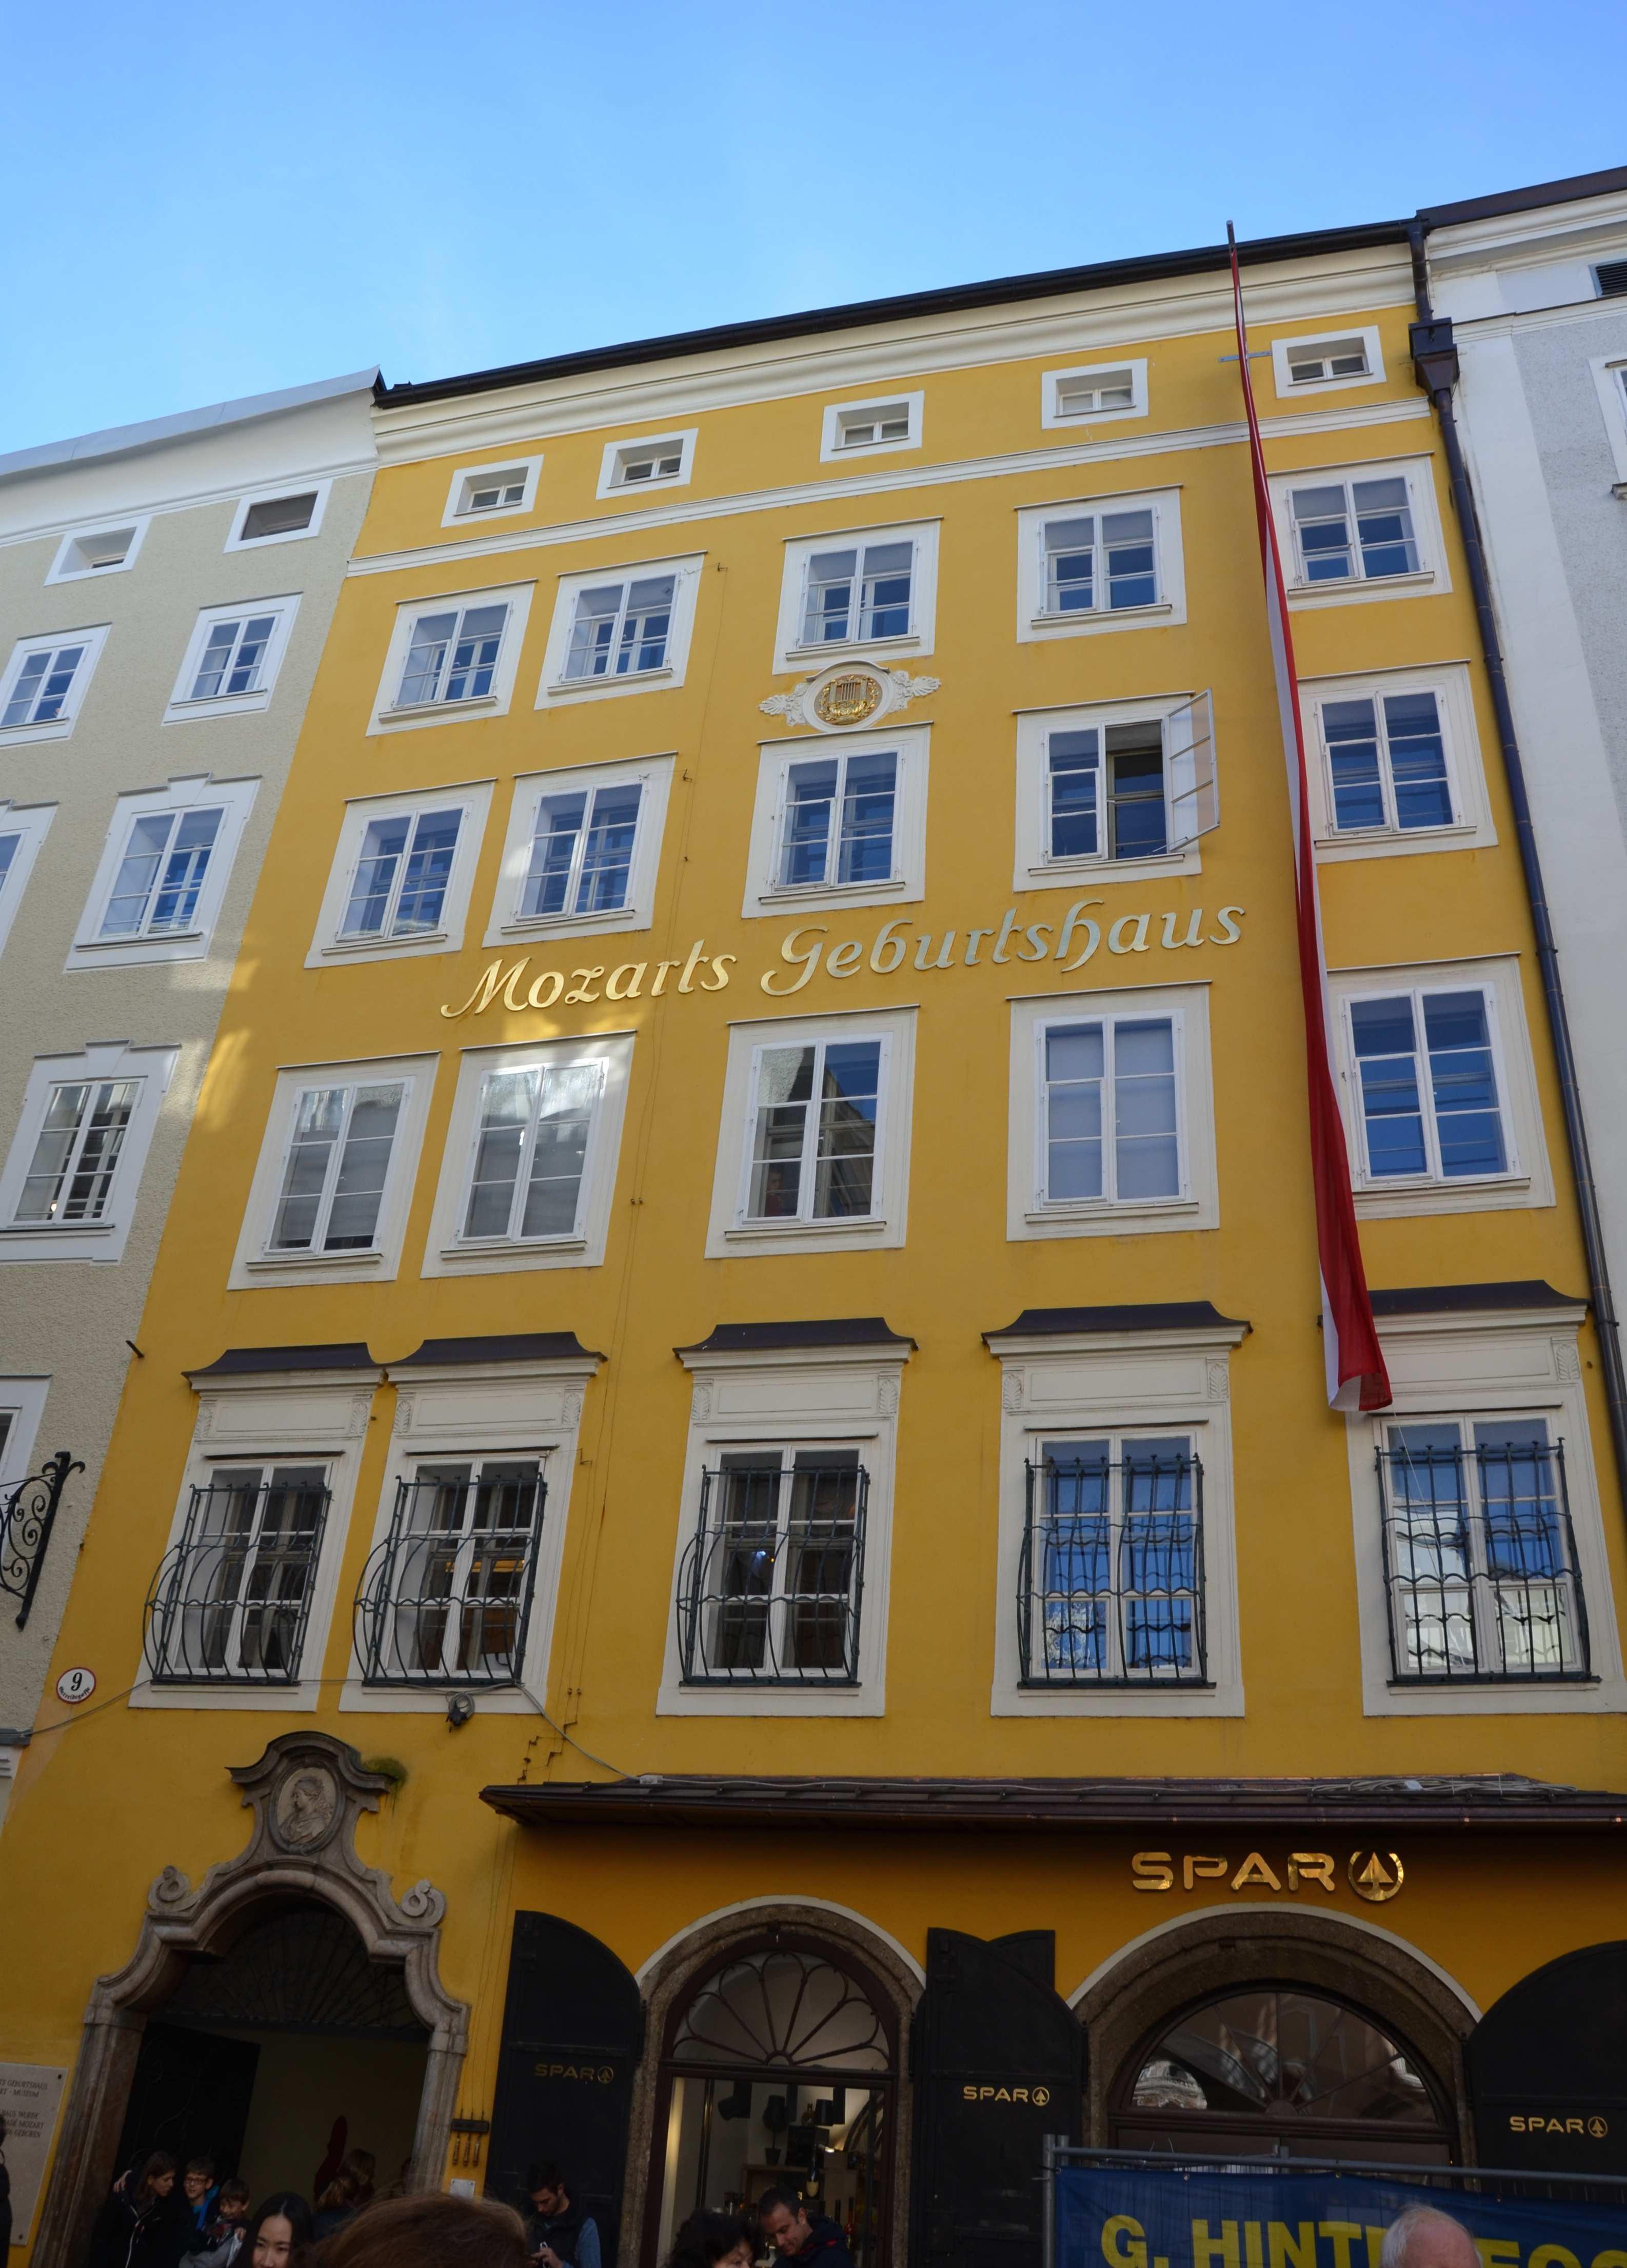 44 Reise Salzburg Mozarthaus jul